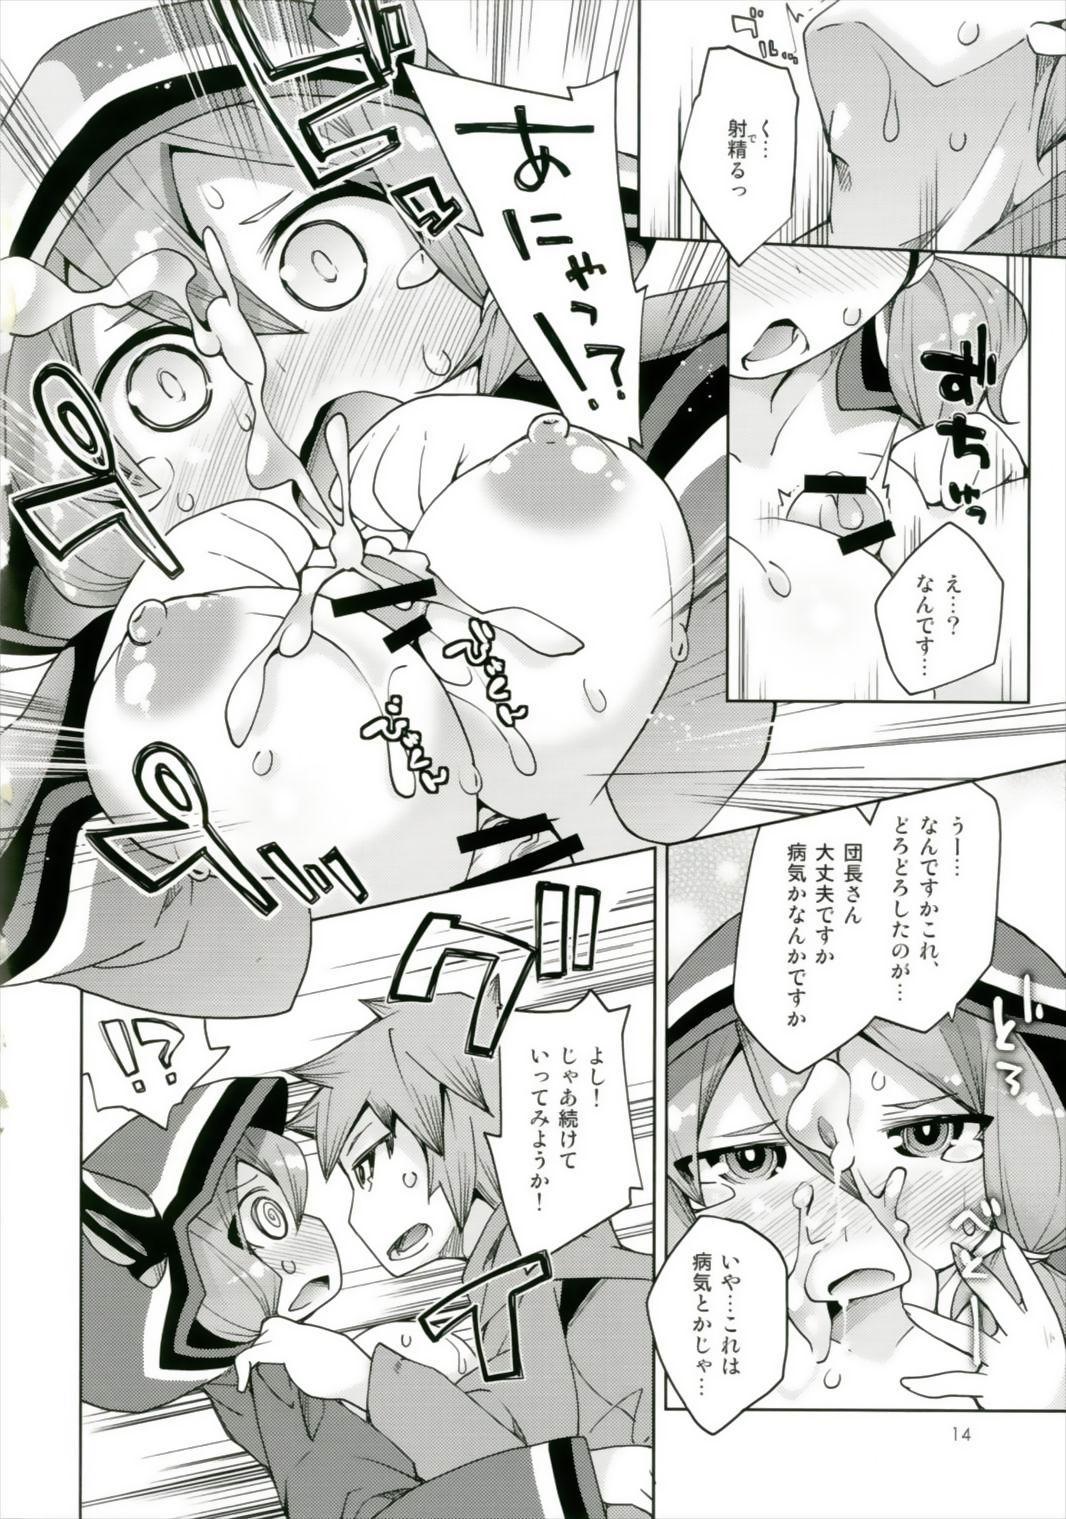 Kikuushi-sama e no Shinmitsudo ga MAX ni Narimashita! 13